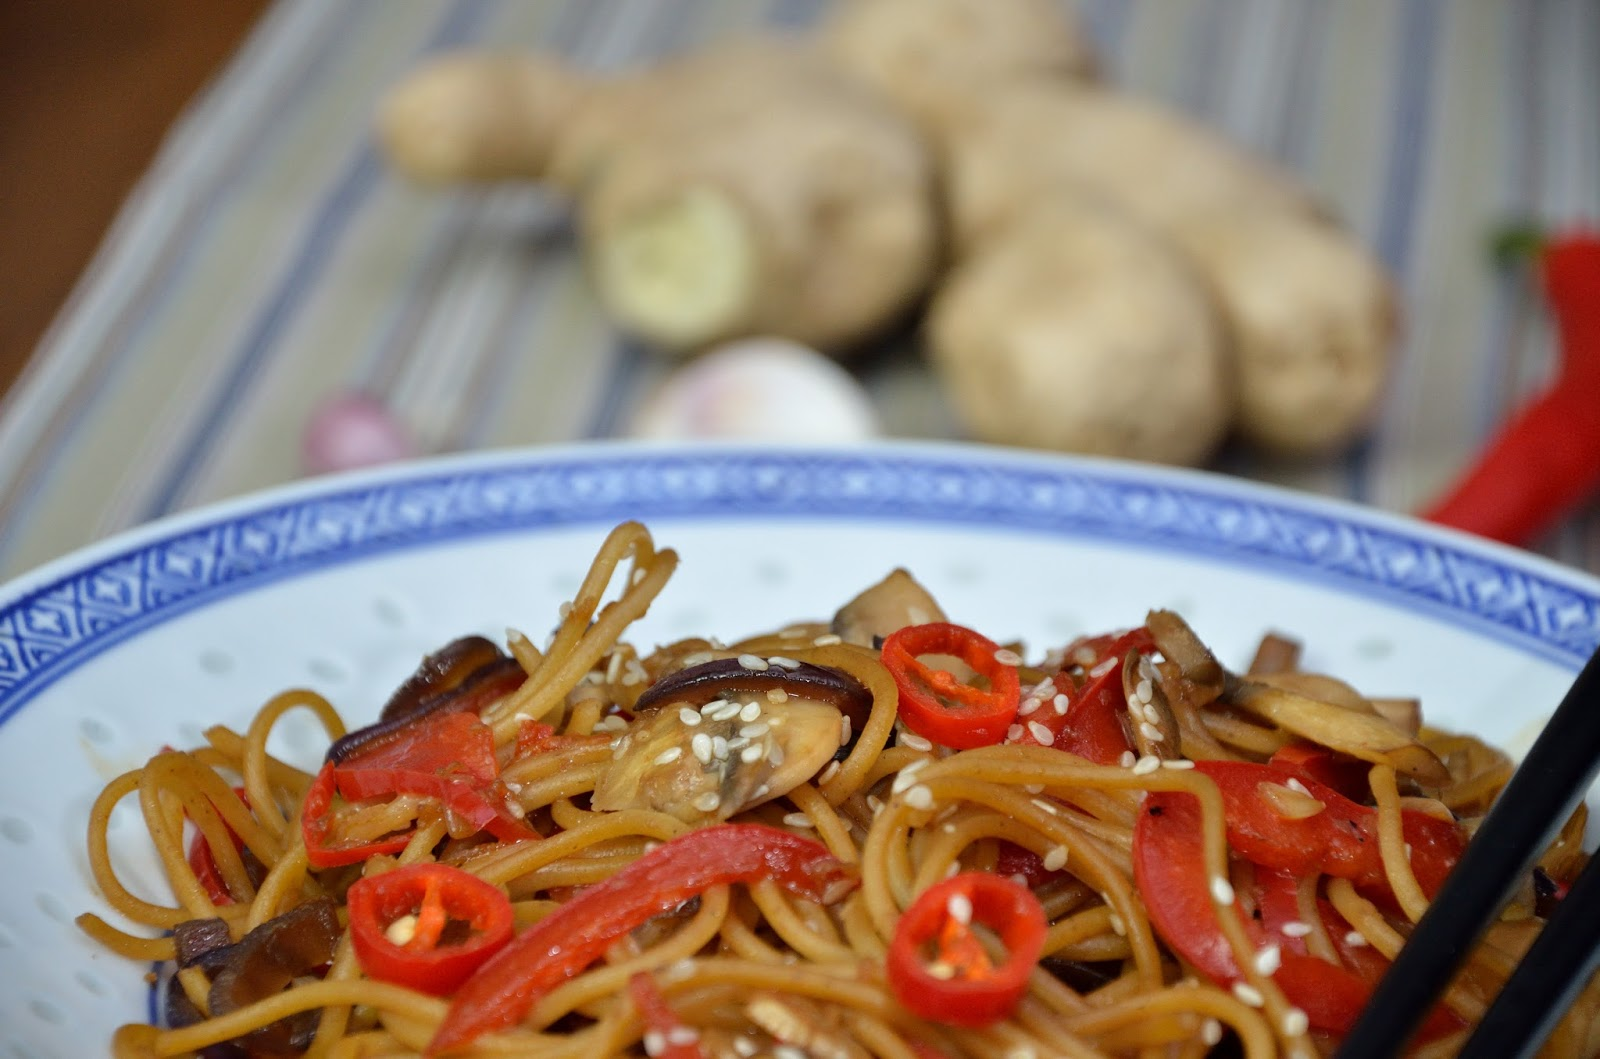 Makaron smażony z warzywami i sosem sojowym